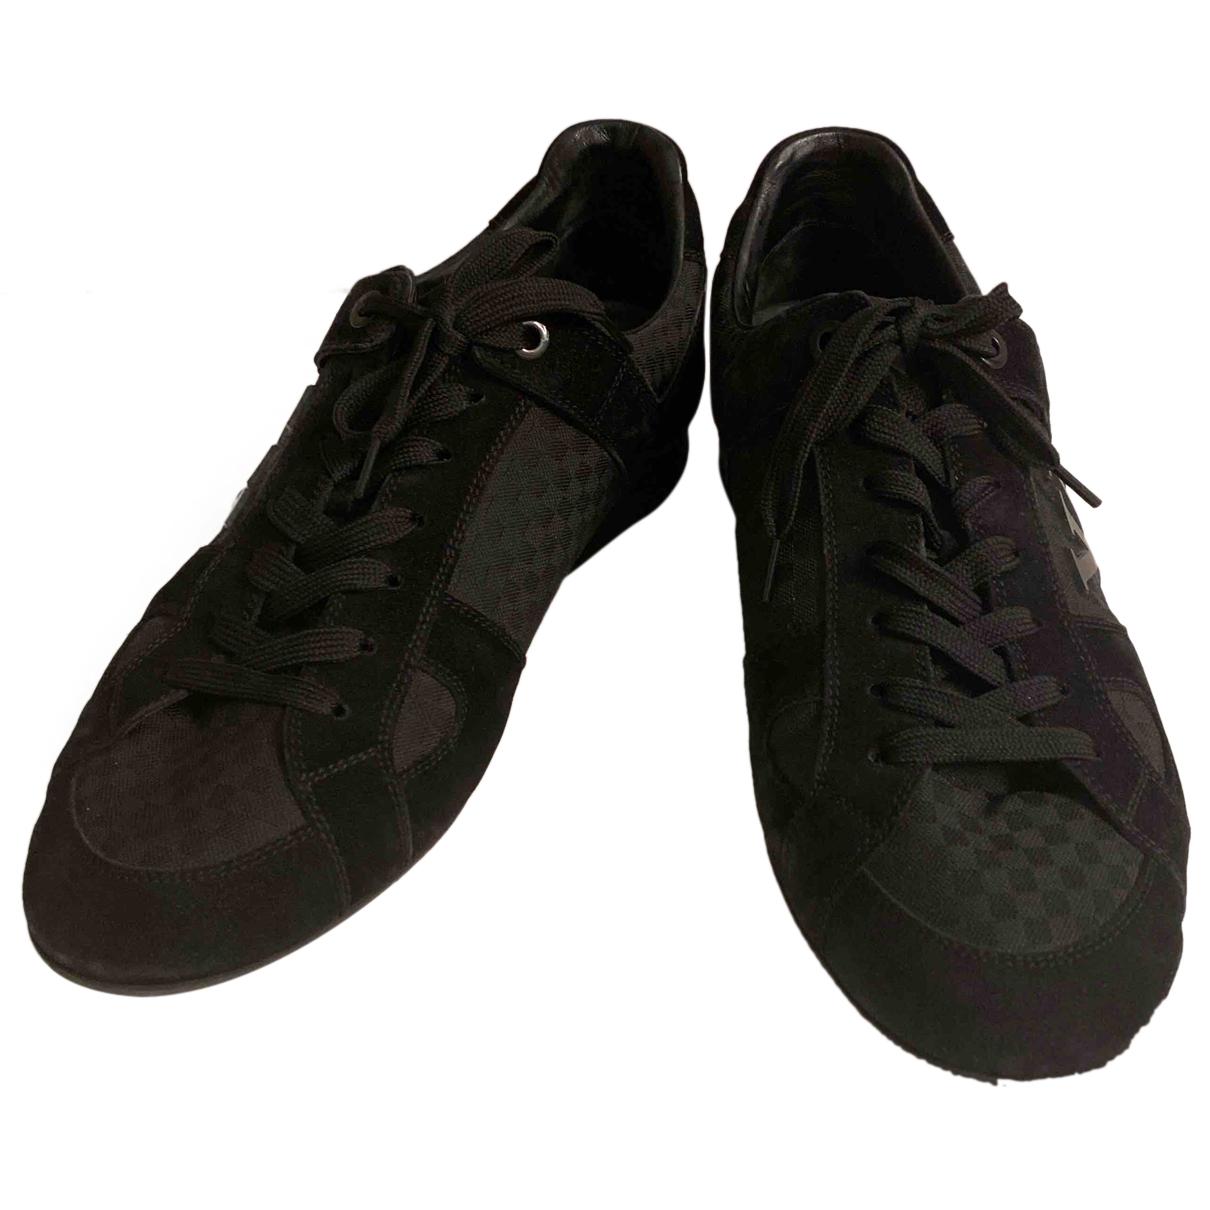 Louis Vuitton - Baskets   pour homme en toile - noir